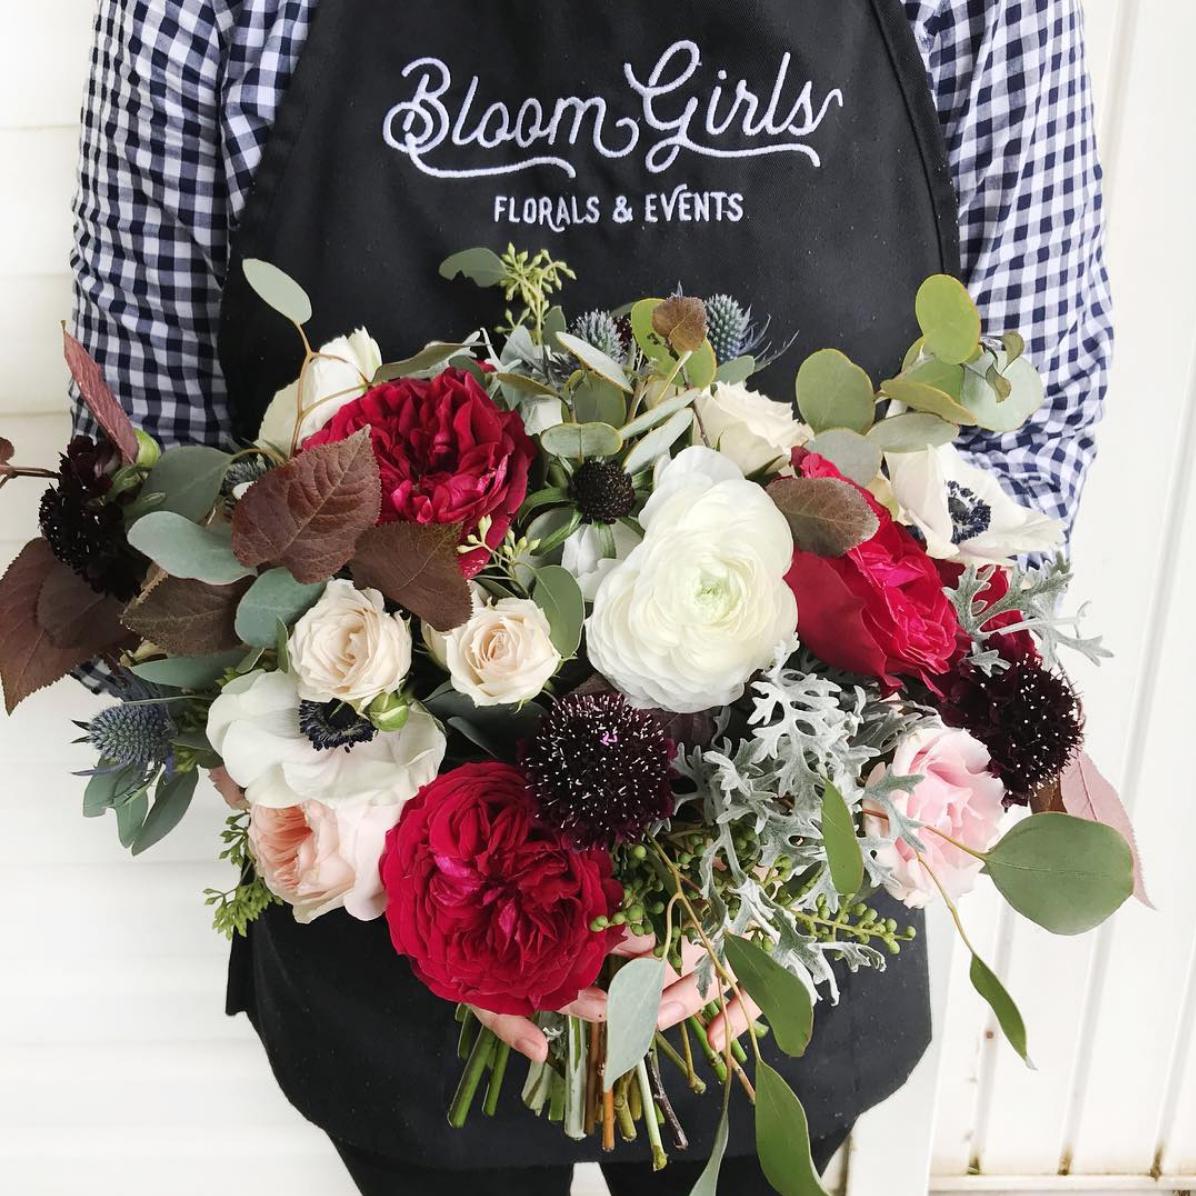 Bloom Girls Floral